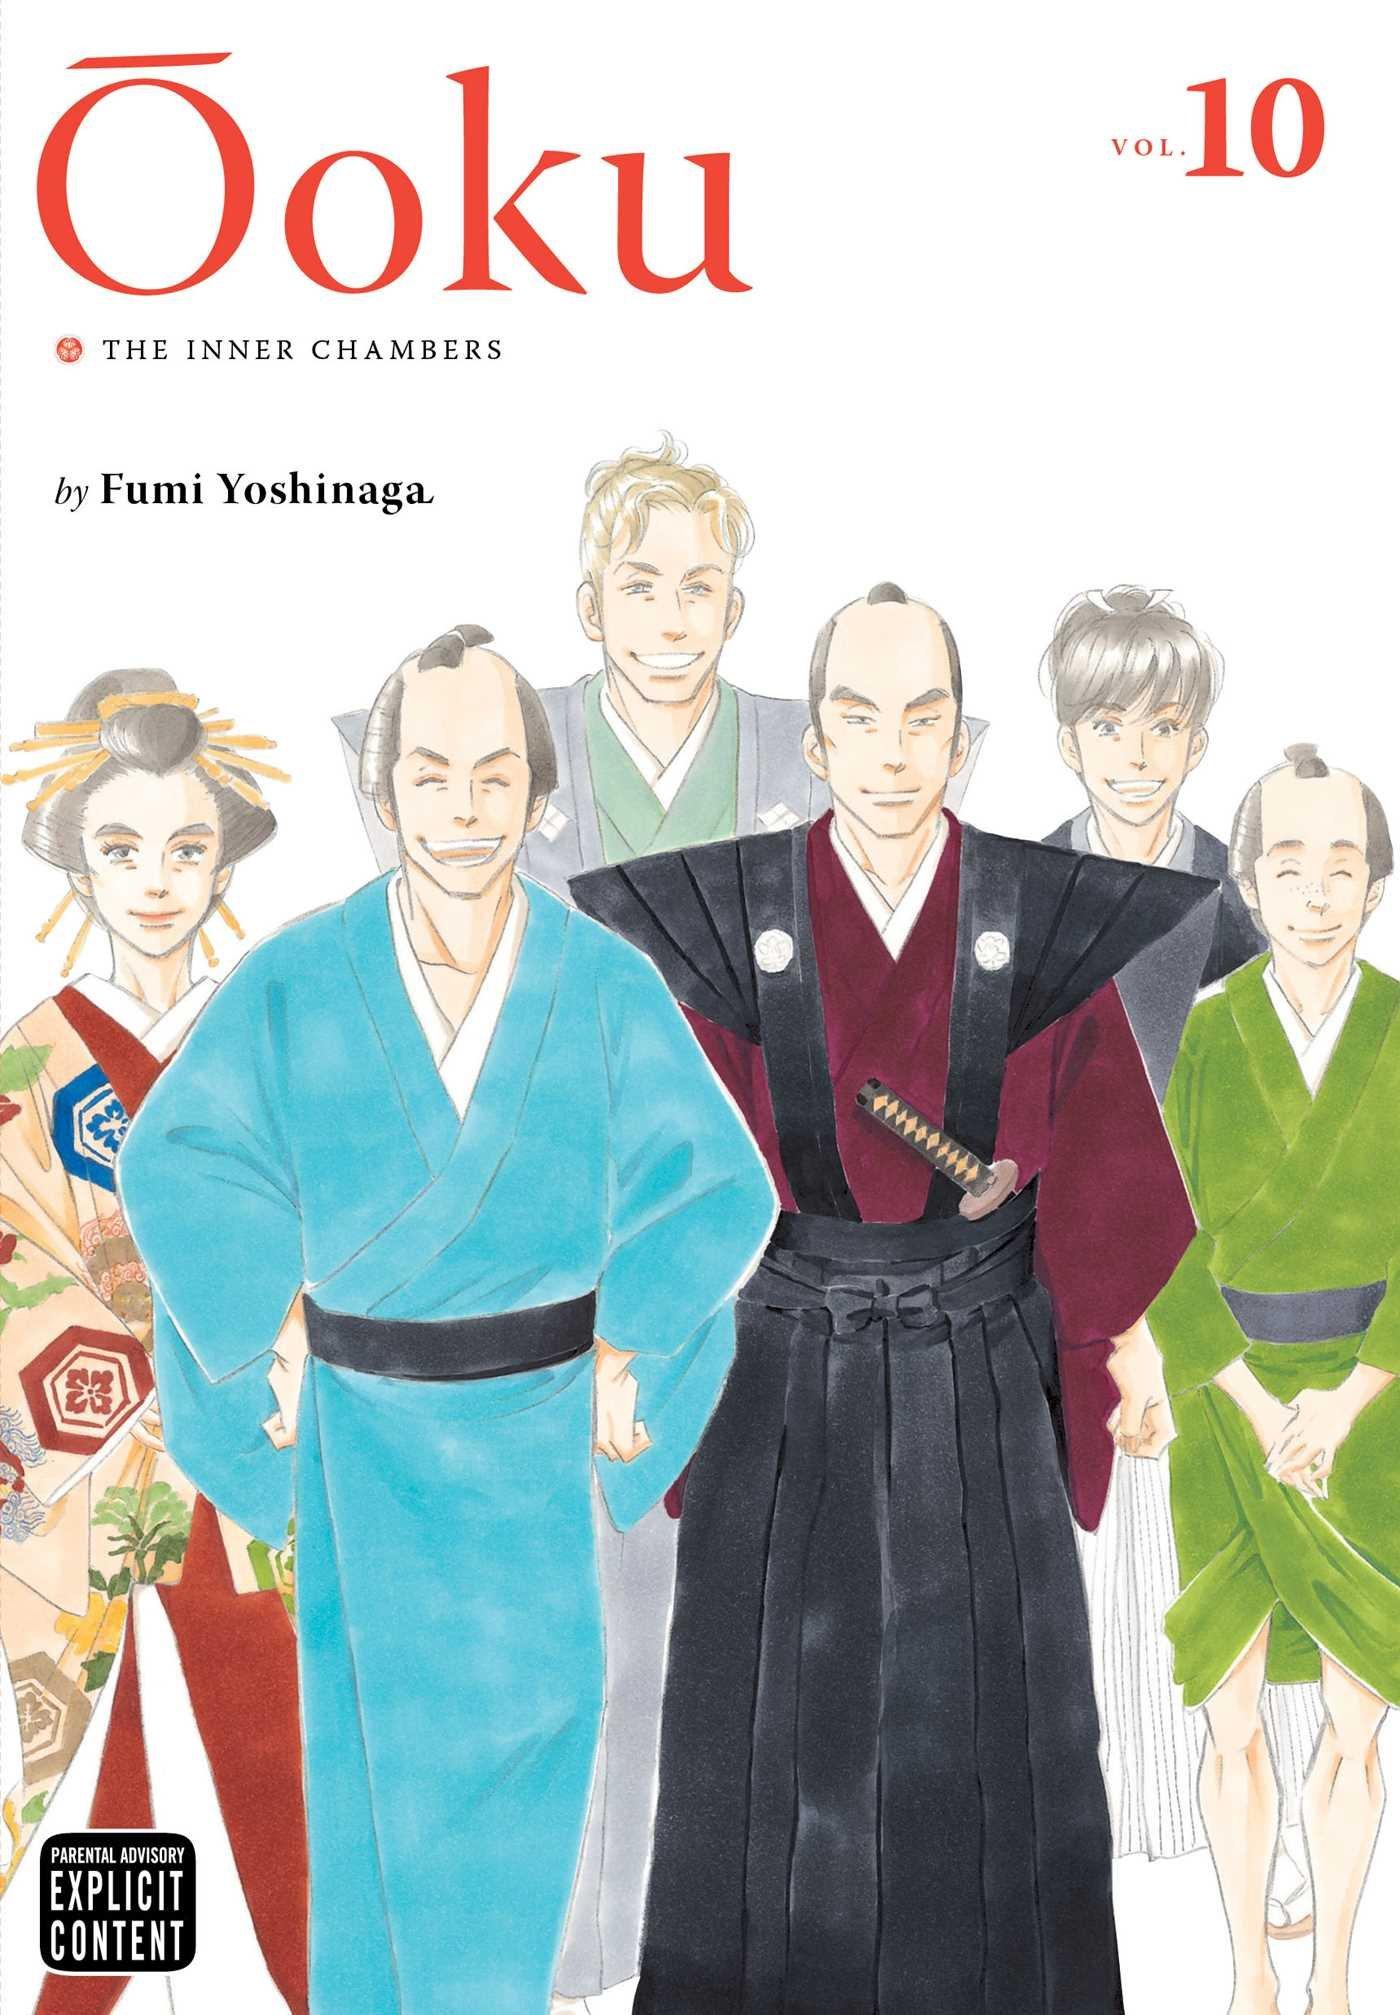 Ōoku: The Inner Chambers, Vol. 10